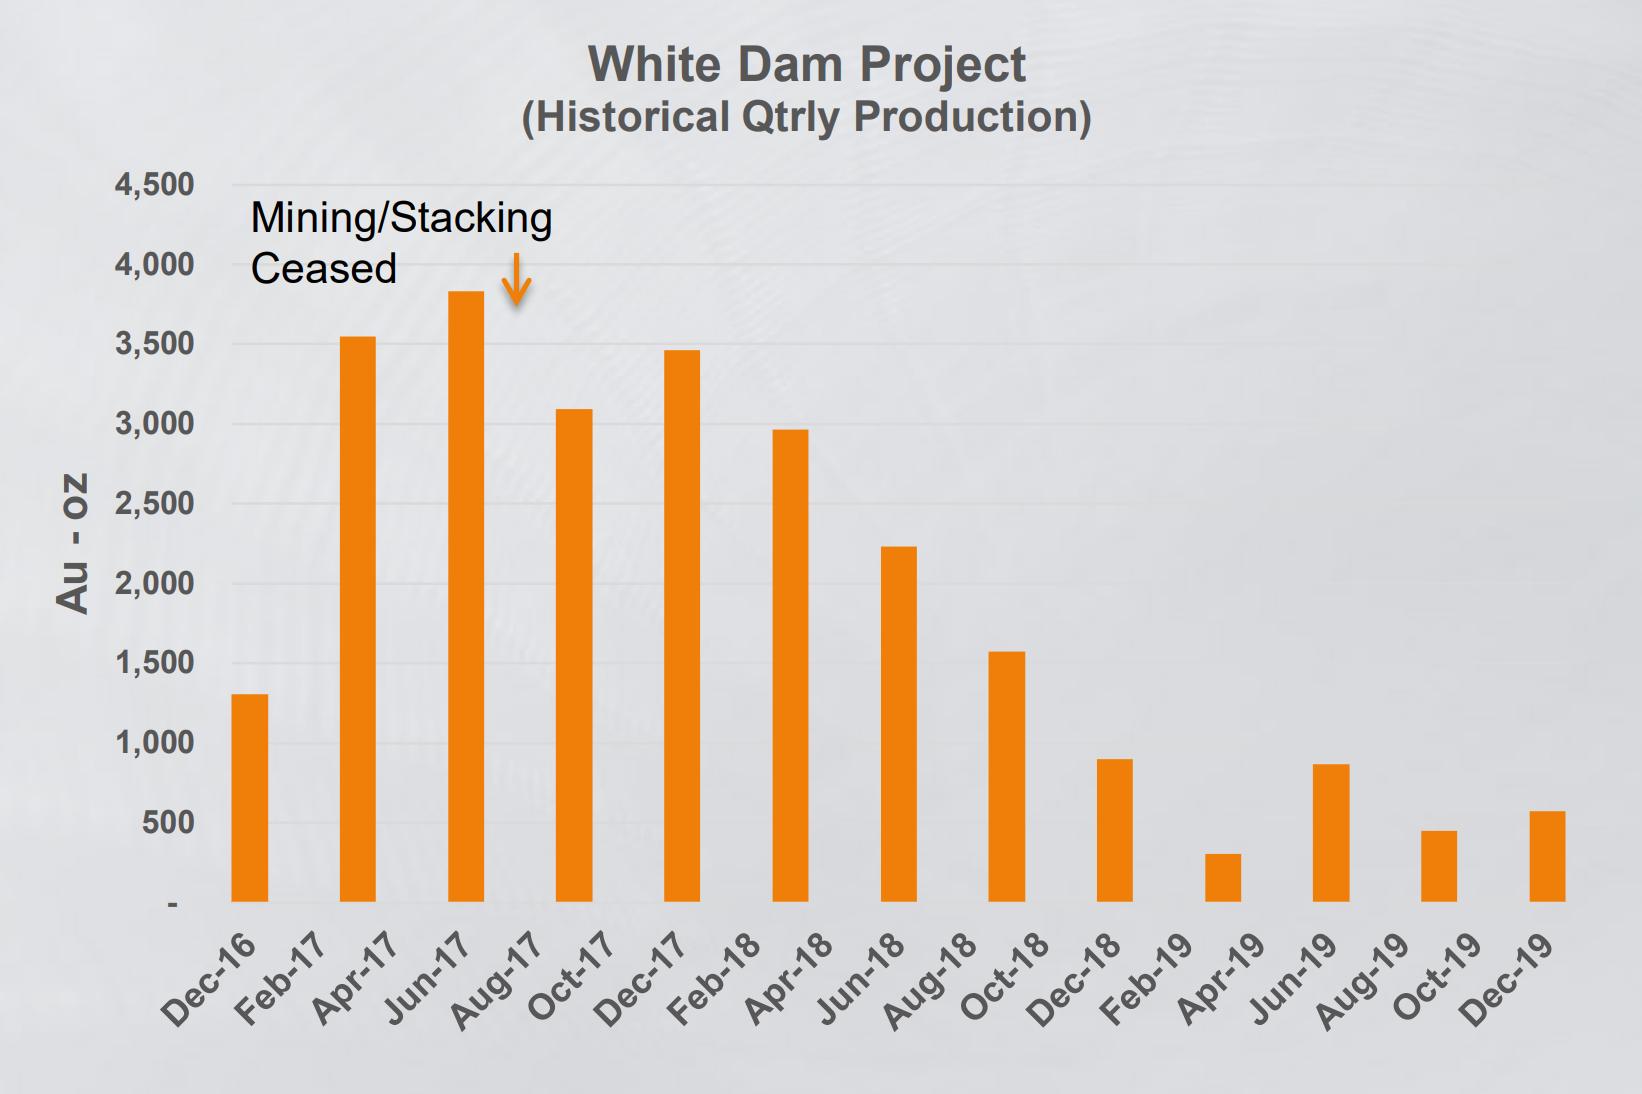 White Dam project